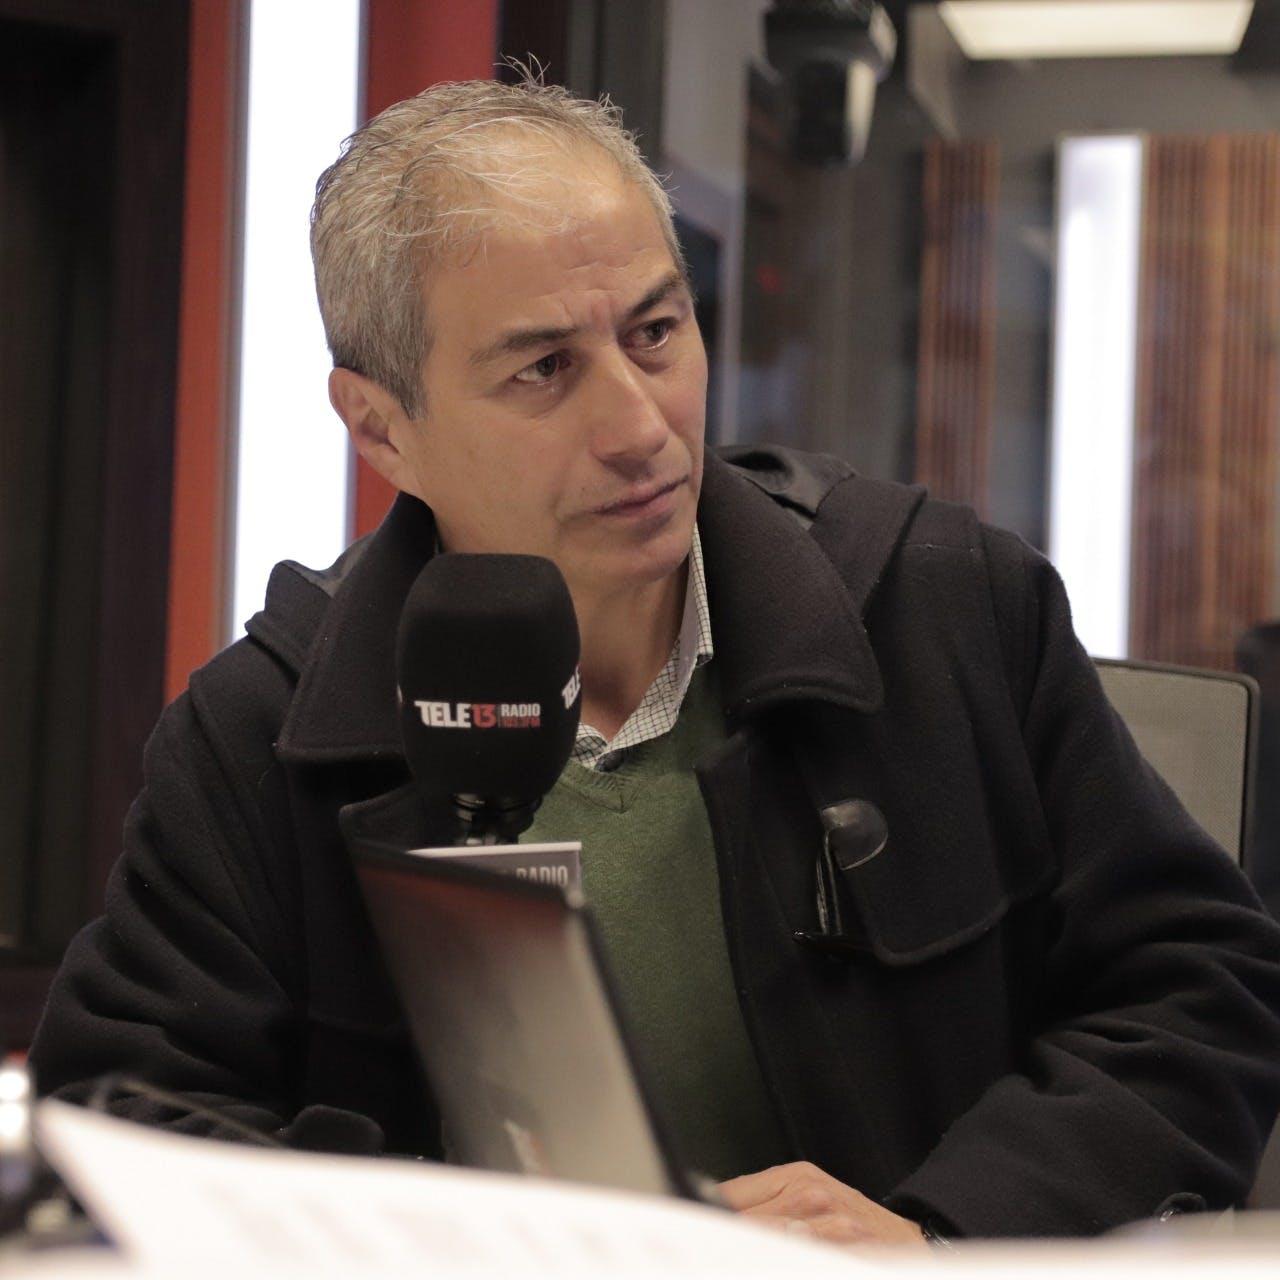 Mario Aguilar: Hay fundamentos para una acusación constitucional en contra de la Ministra Cubillos